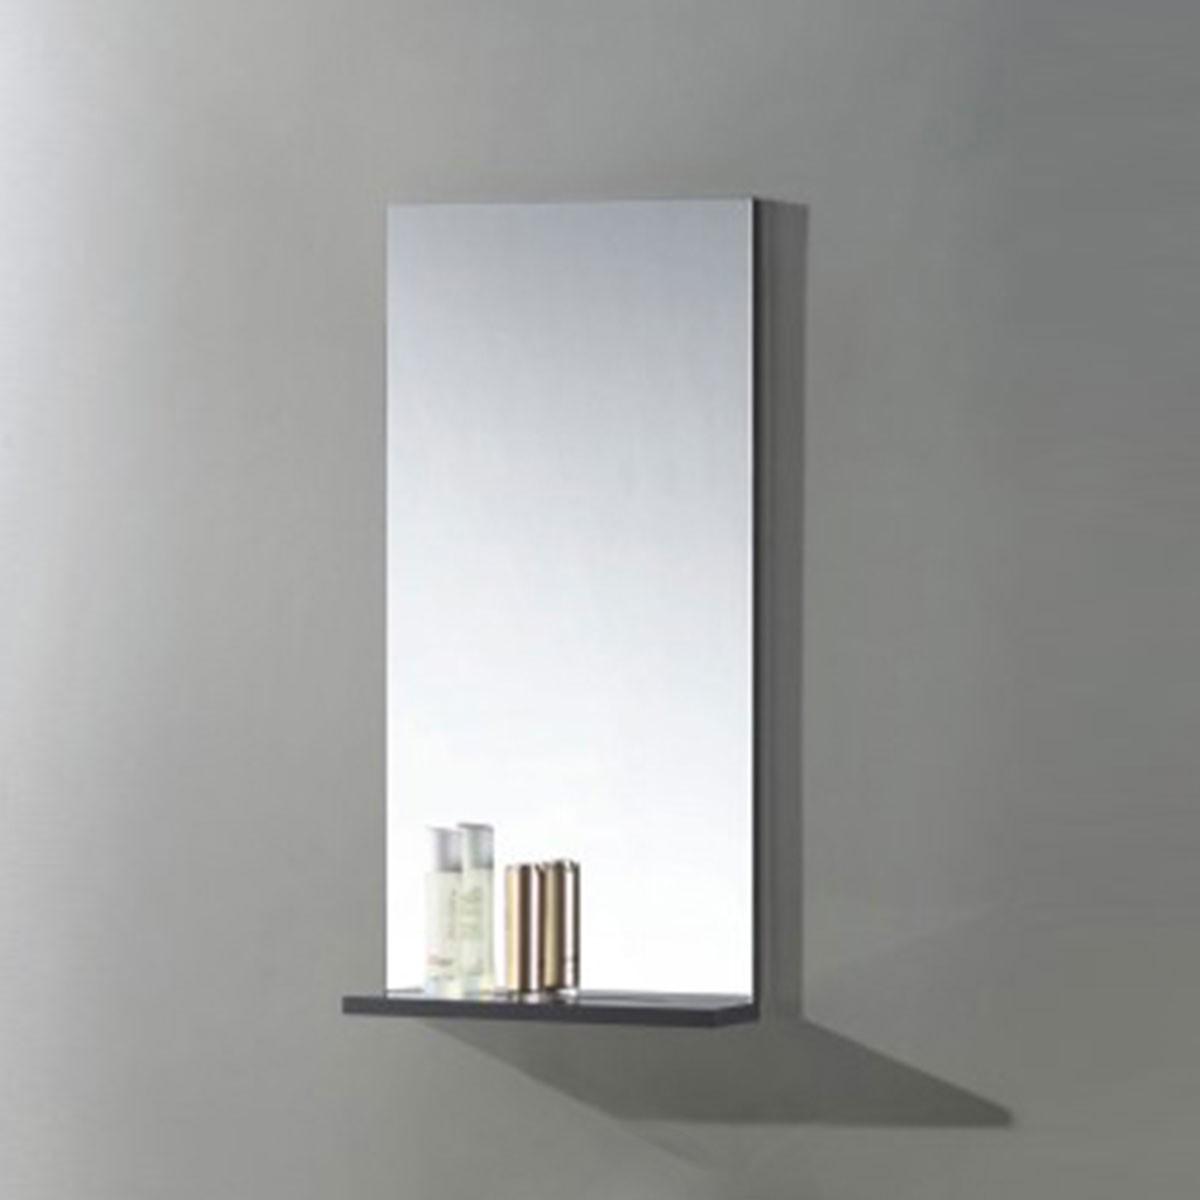 16 x 32 po Miroir pour vanité salle de bain avec étagère (MS400C-M)